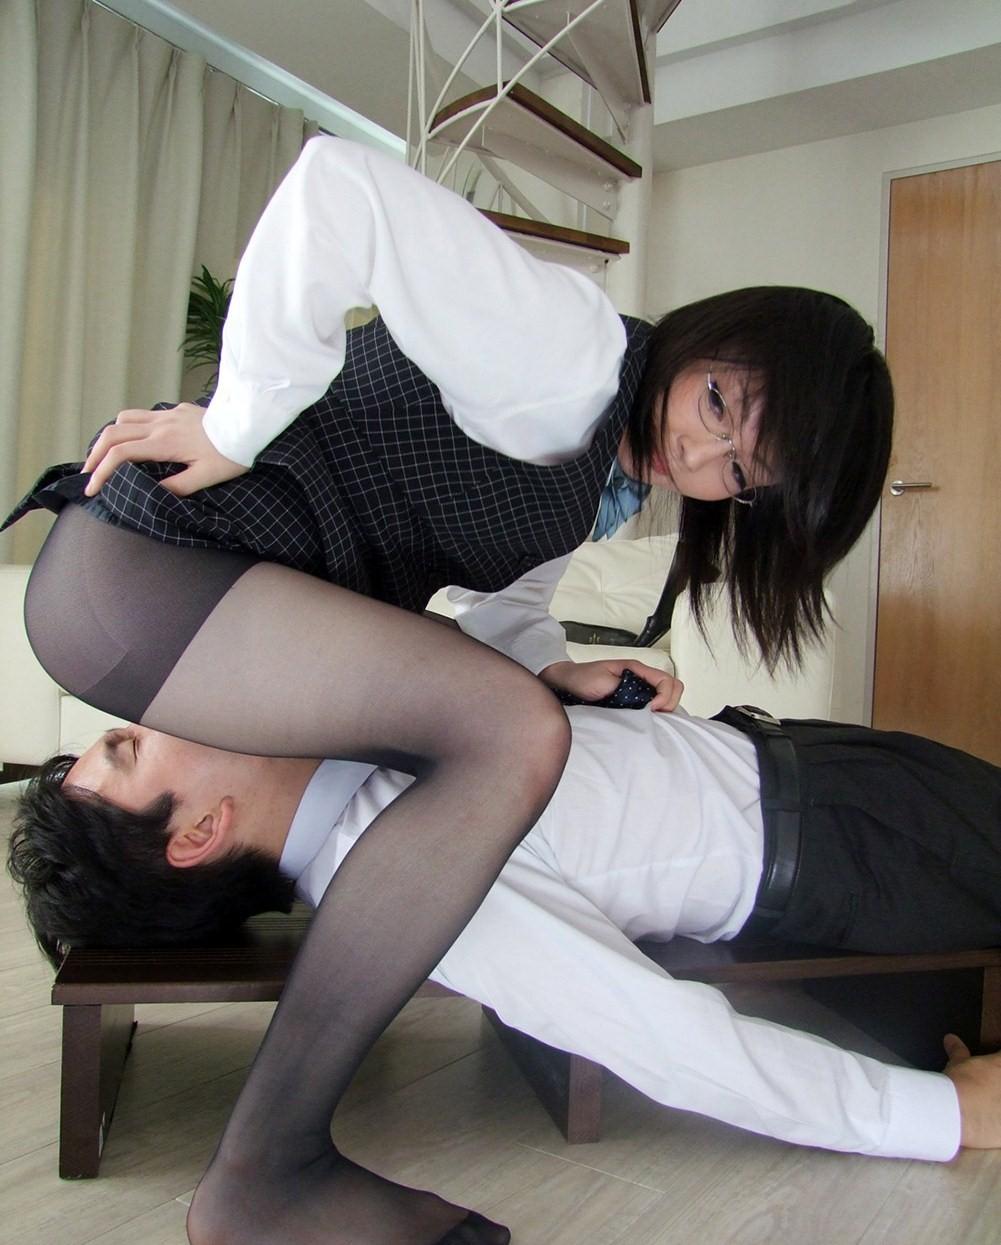 【痴女エロ画像】女が男を支配している顔面騎乗の画像 14